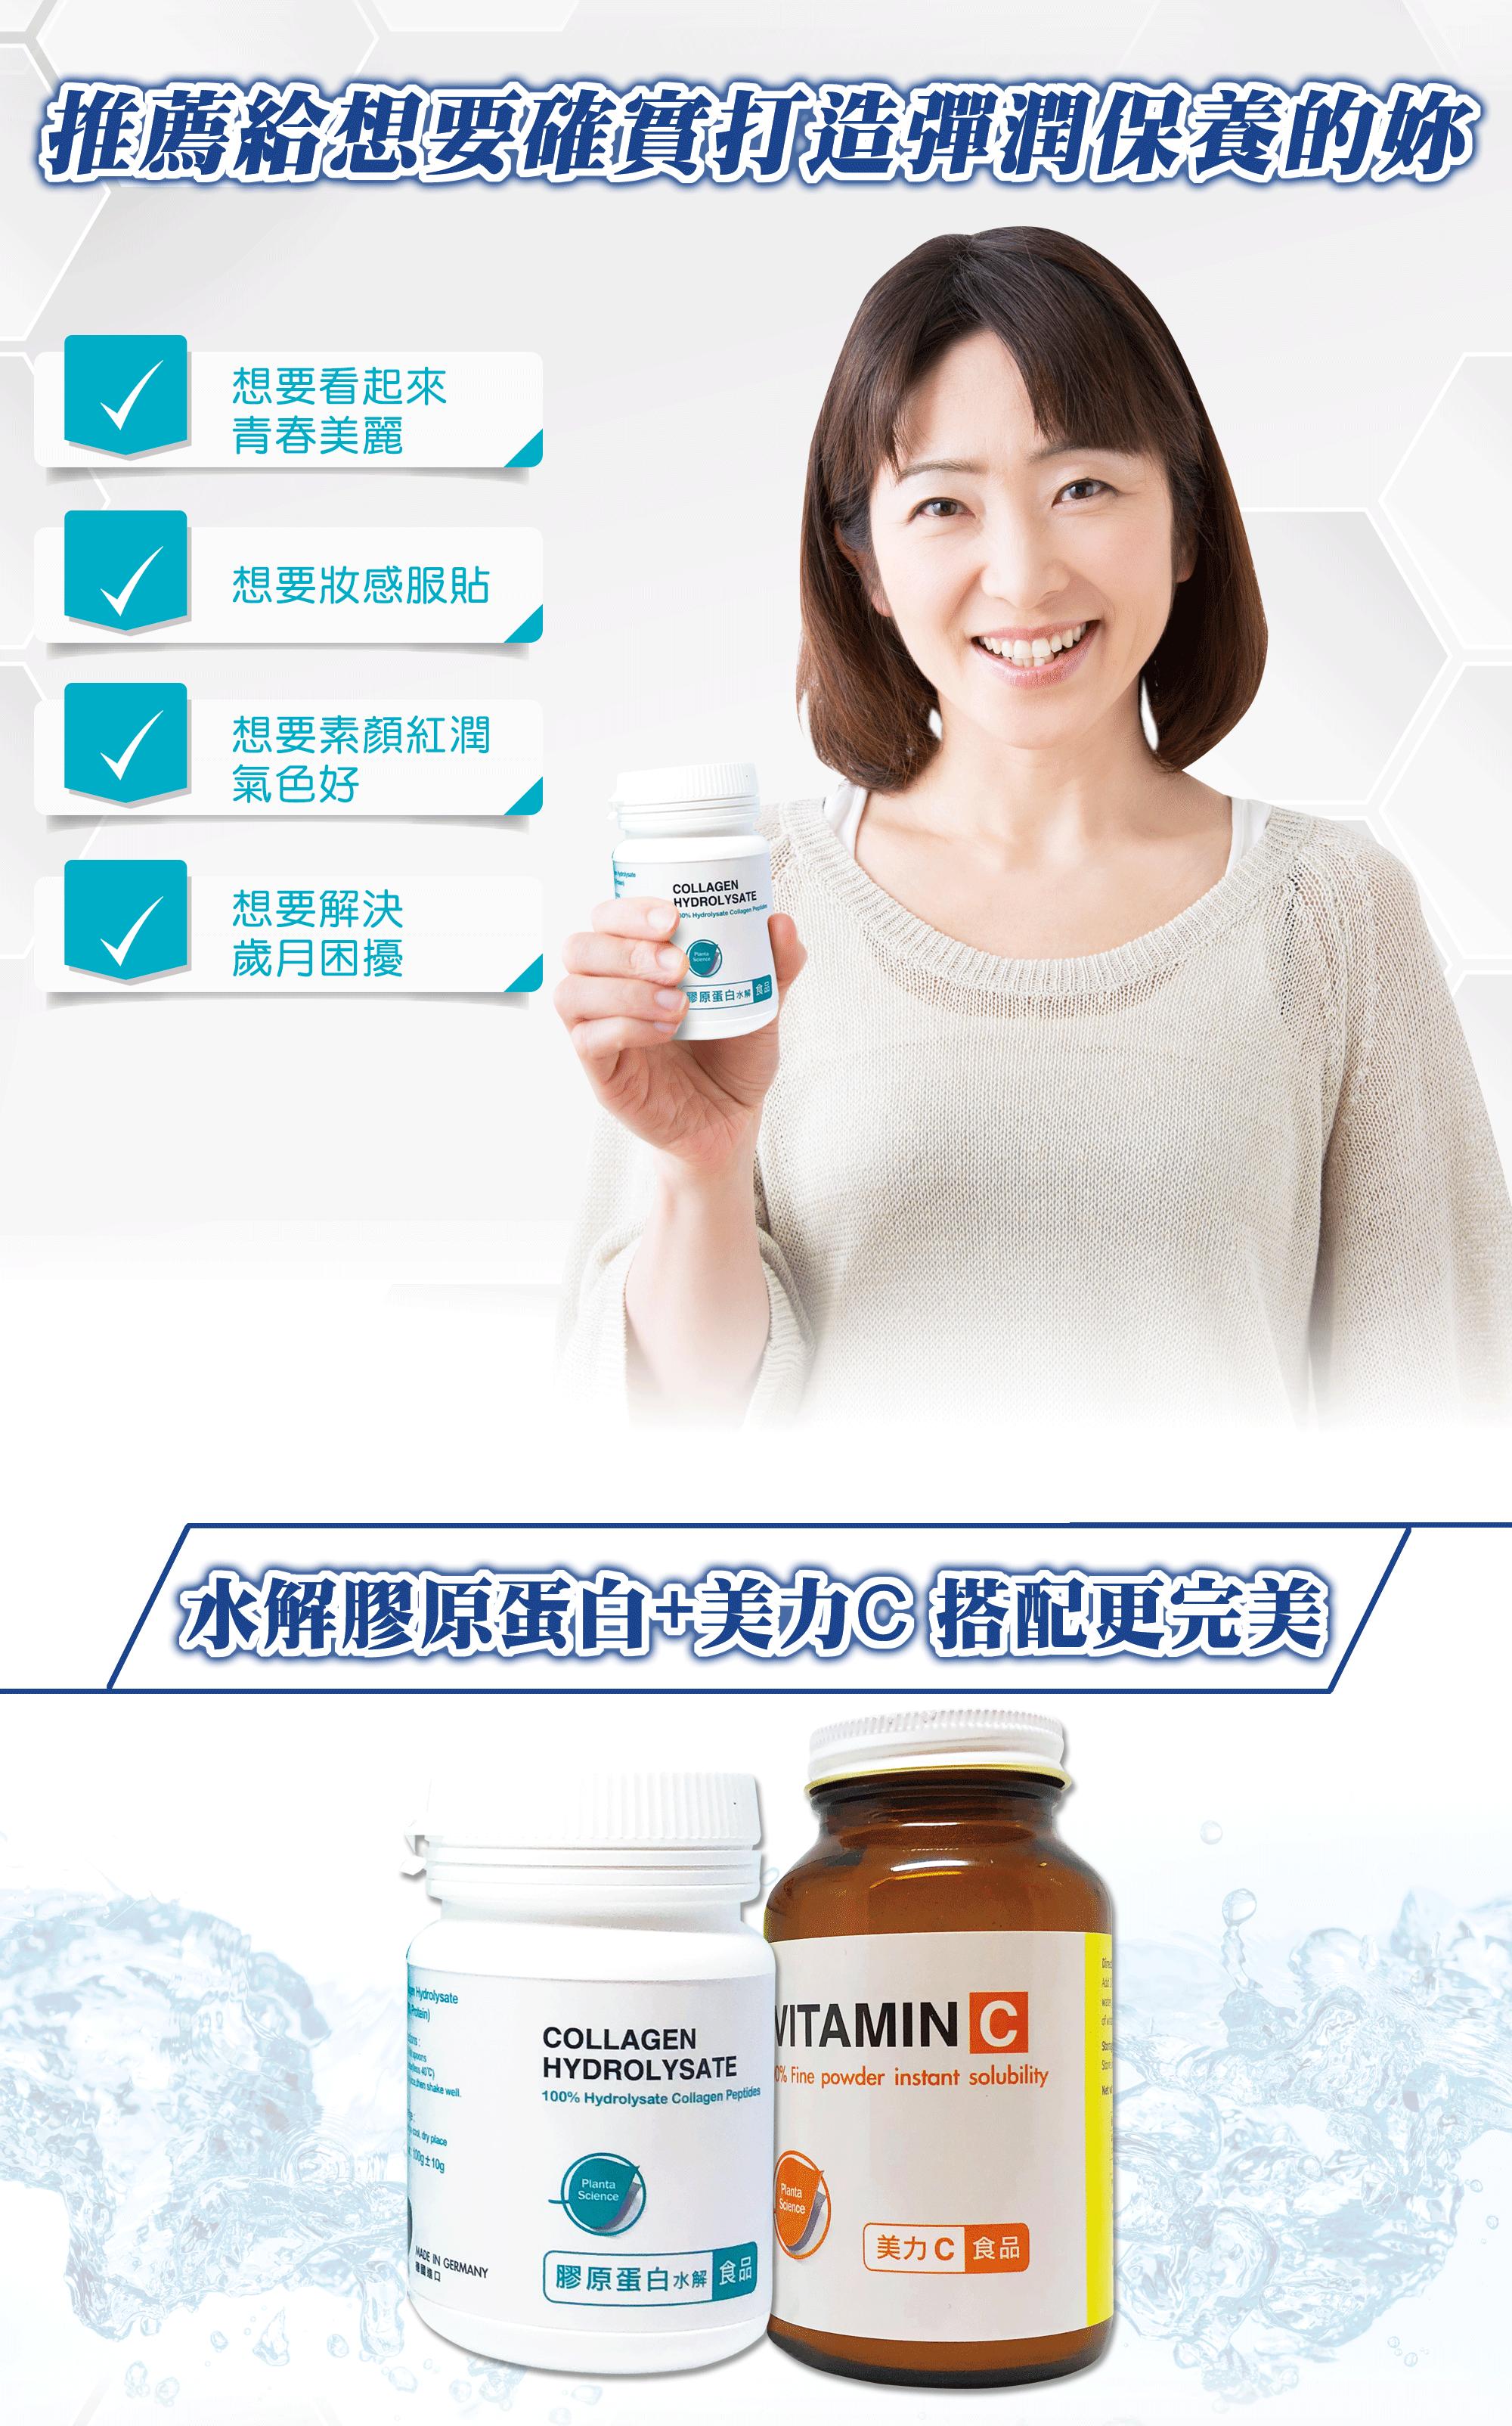 美魔女養成從喝鬘夫人水解膠原蛋白開始,水解膠原蛋白推薦,膠原蛋白